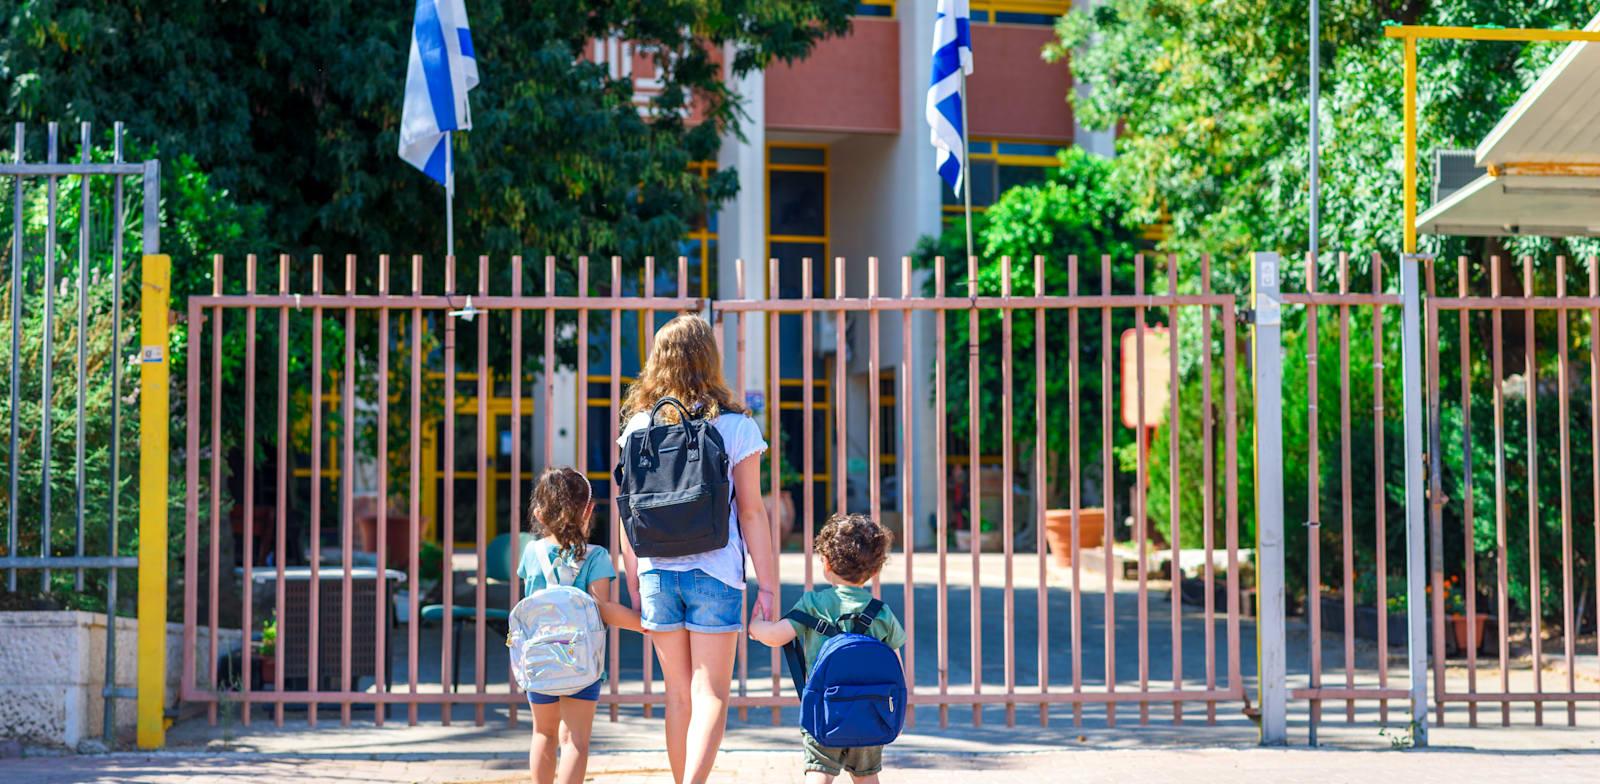 שחררו את בתי הספר משליטת השלטון המרכזי